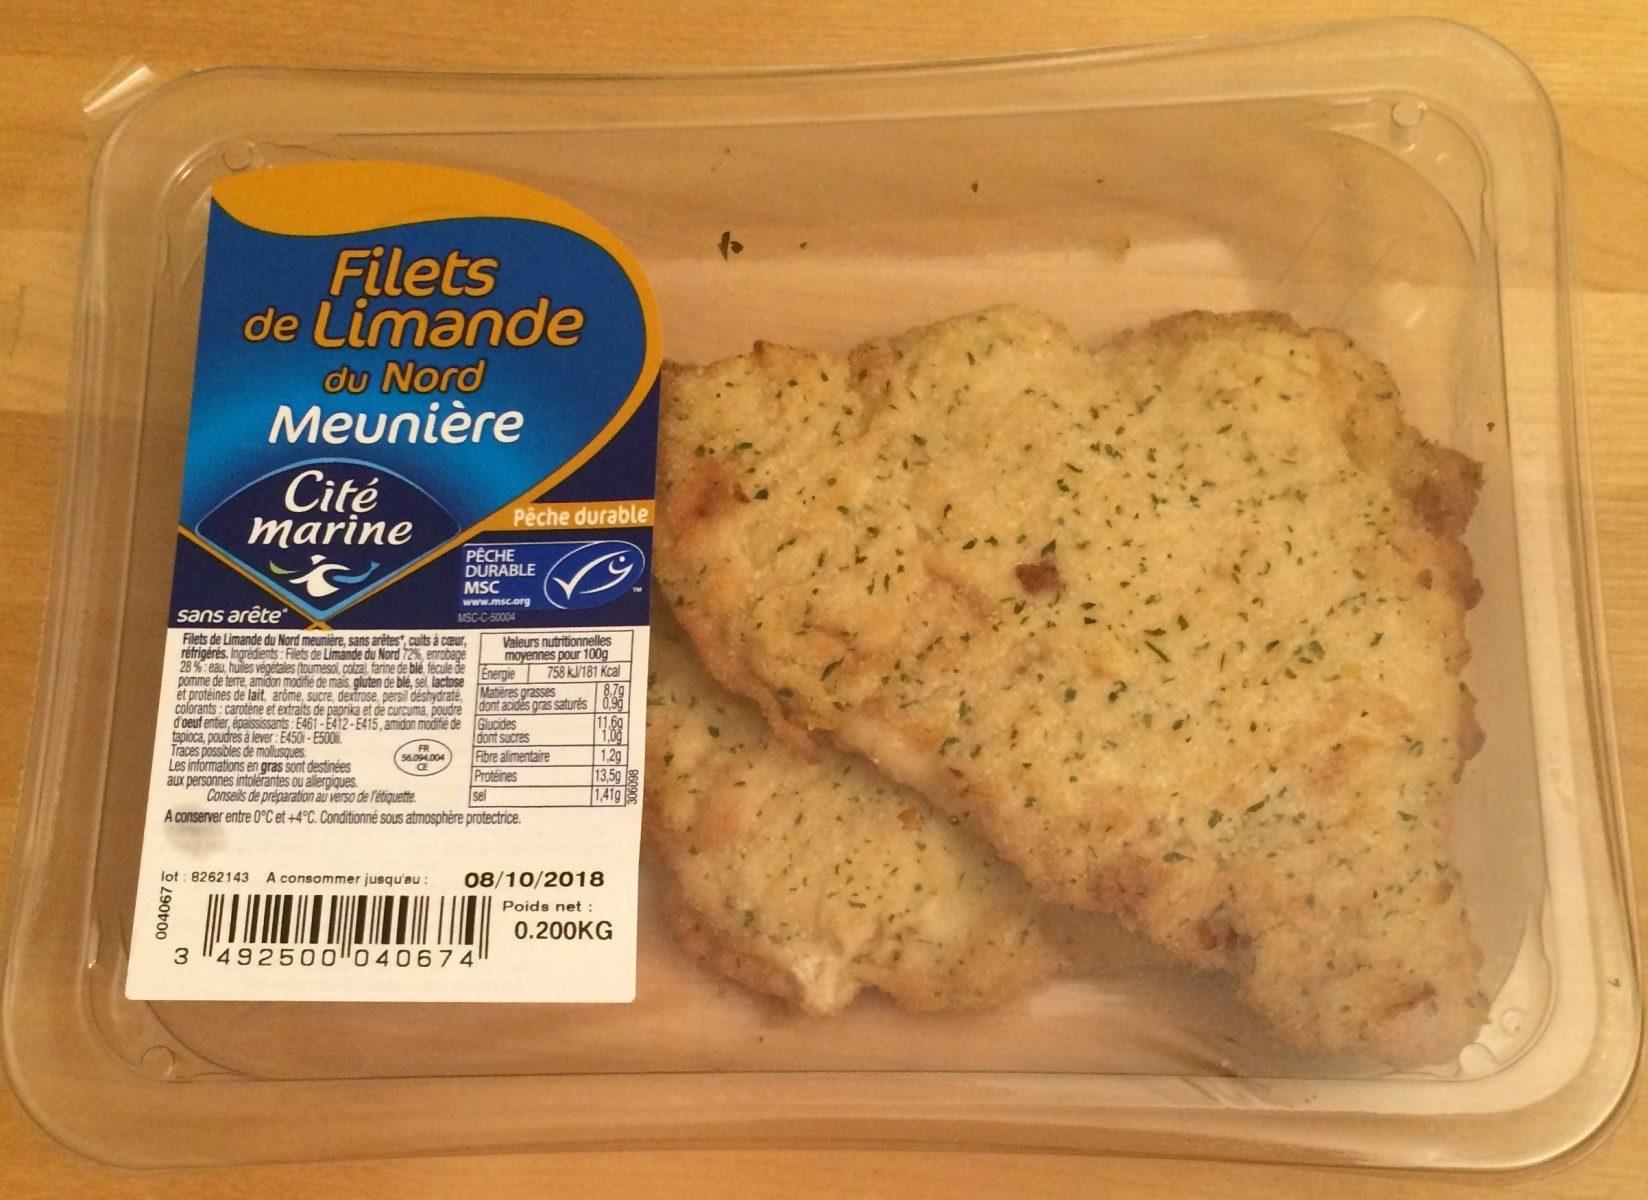 Filets de limande du Nord Meunière - Produit